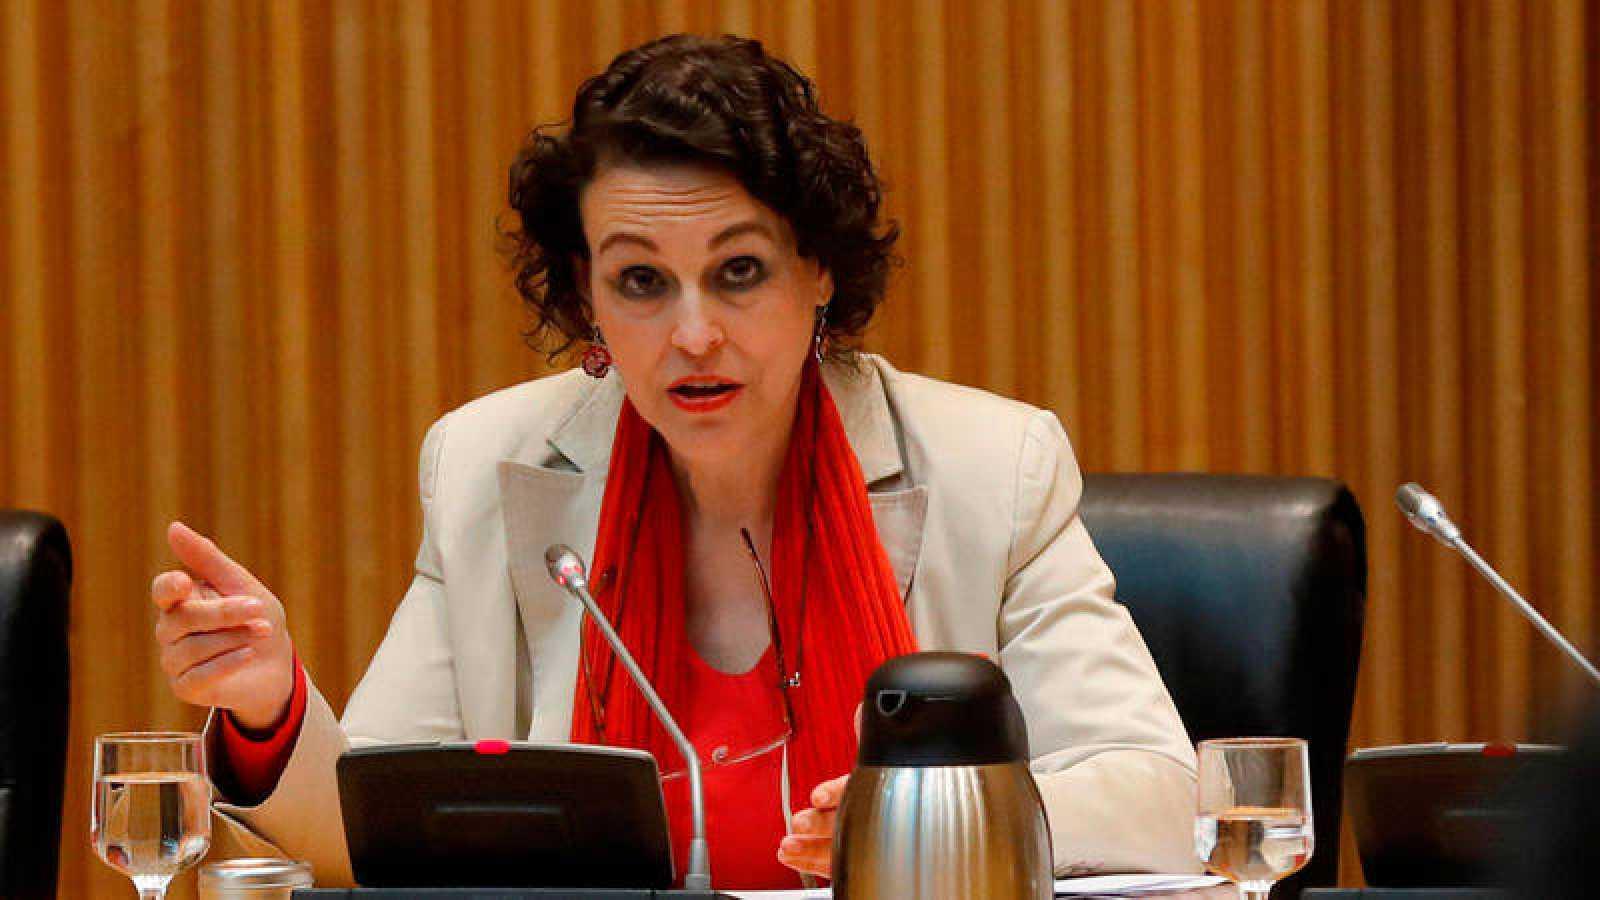 La ministra de Trabajo, Migraciones y Seguridad Social, Magdalena Valerio, ha comparecido este jueves ante la Comisión de seguimiento del Pacto de Toledo en el Congreso